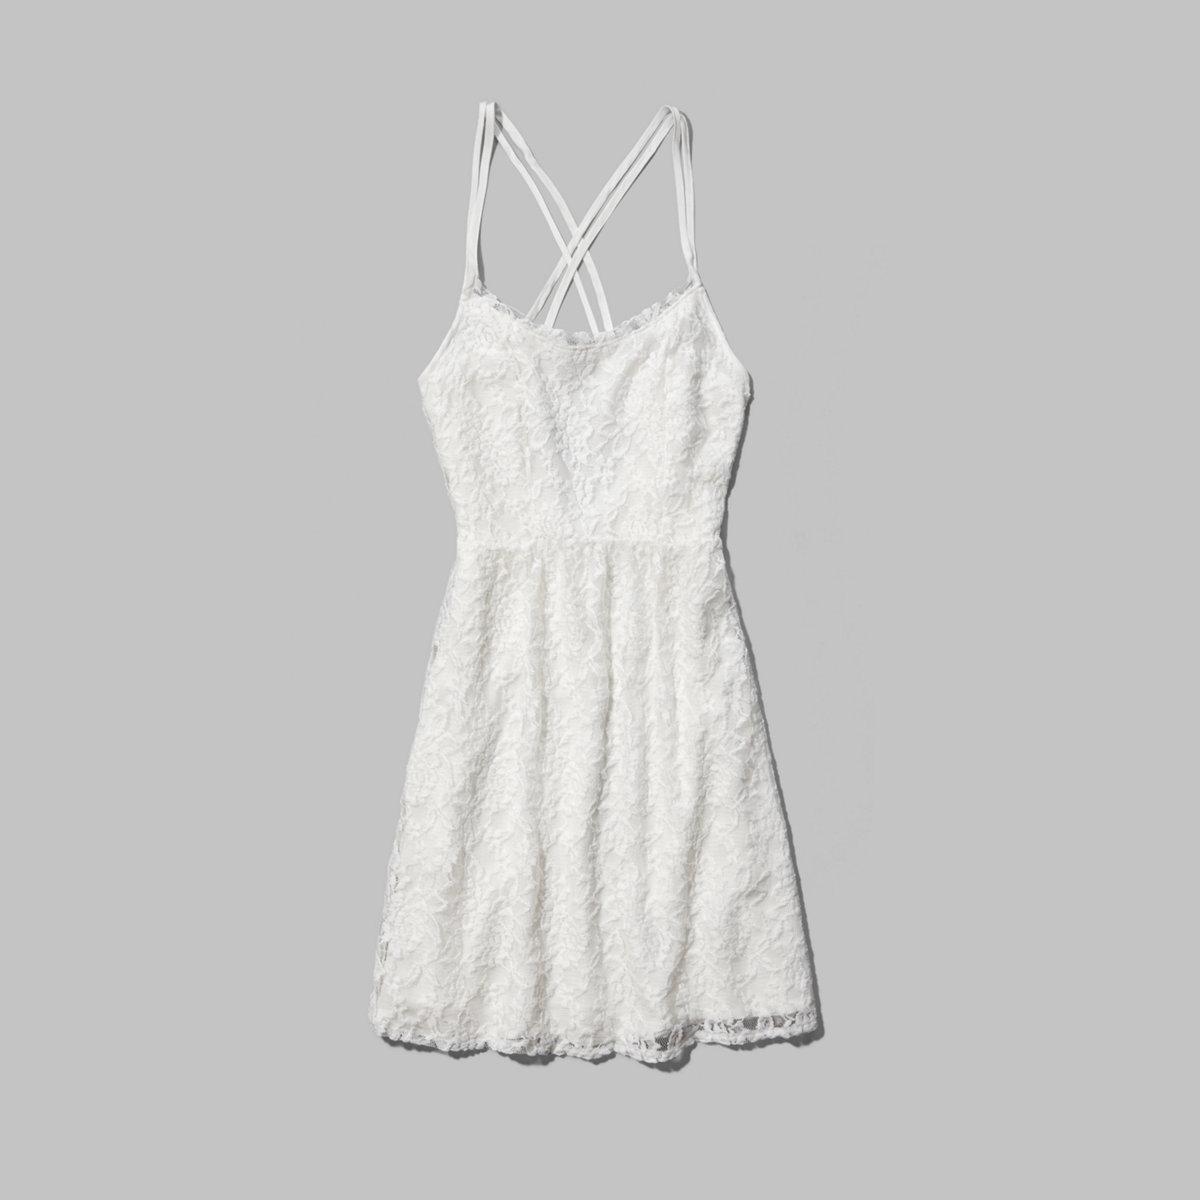 Adriana Swing Dress